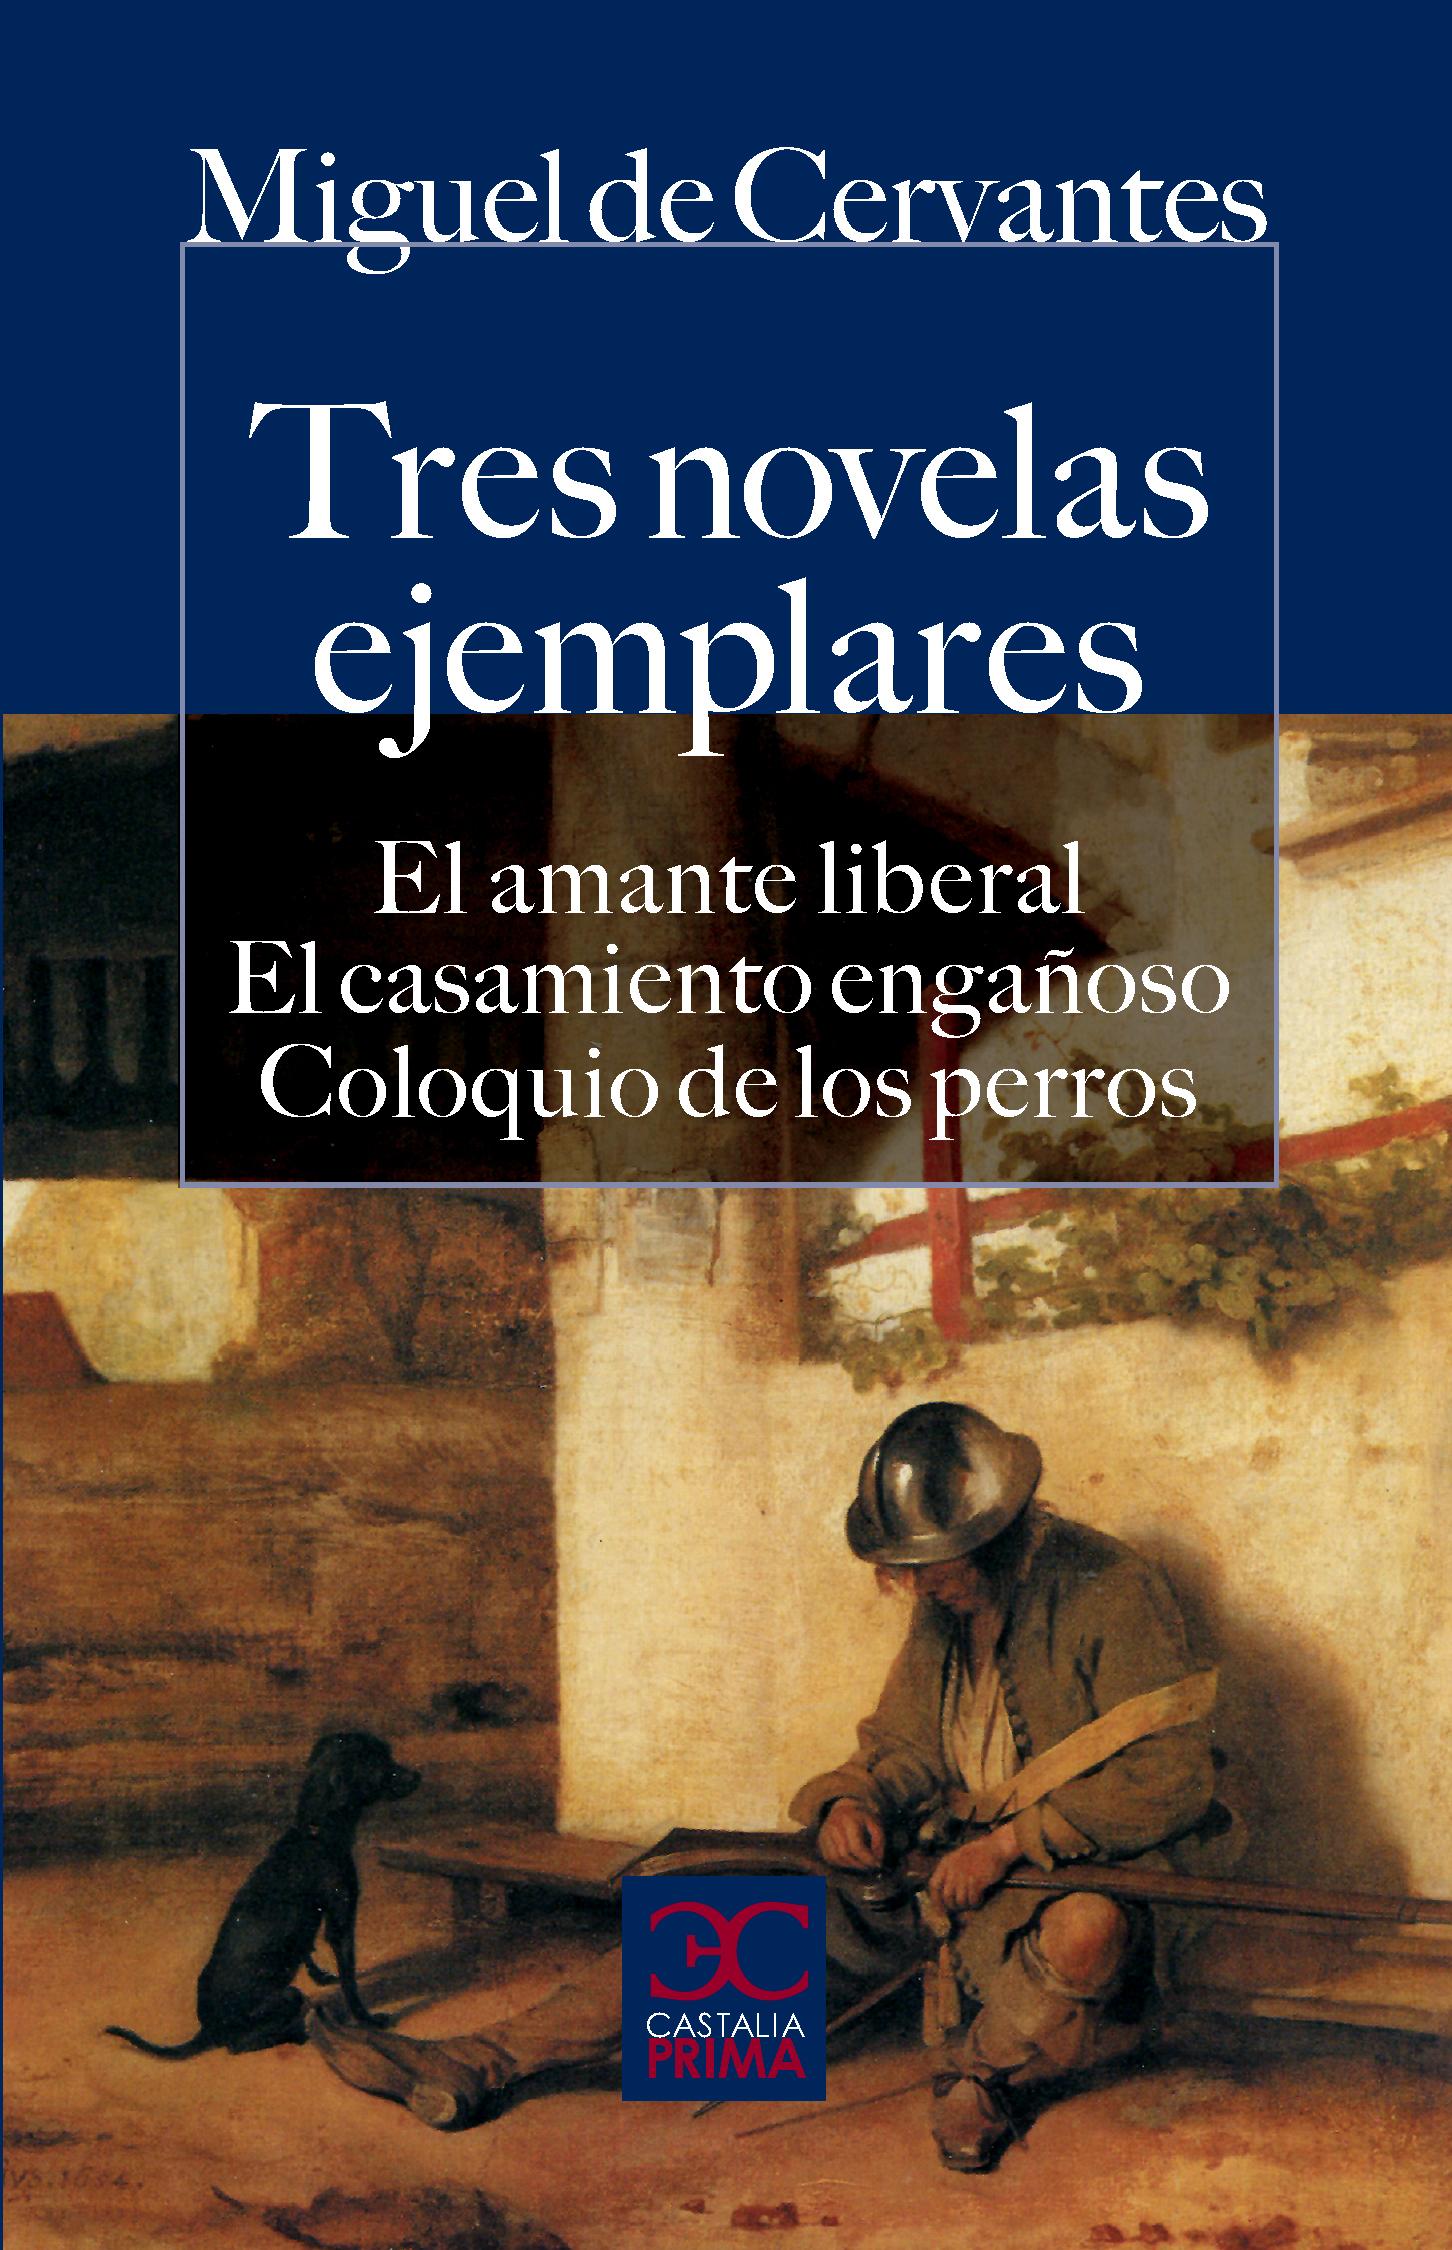 Novelas ejemplares III